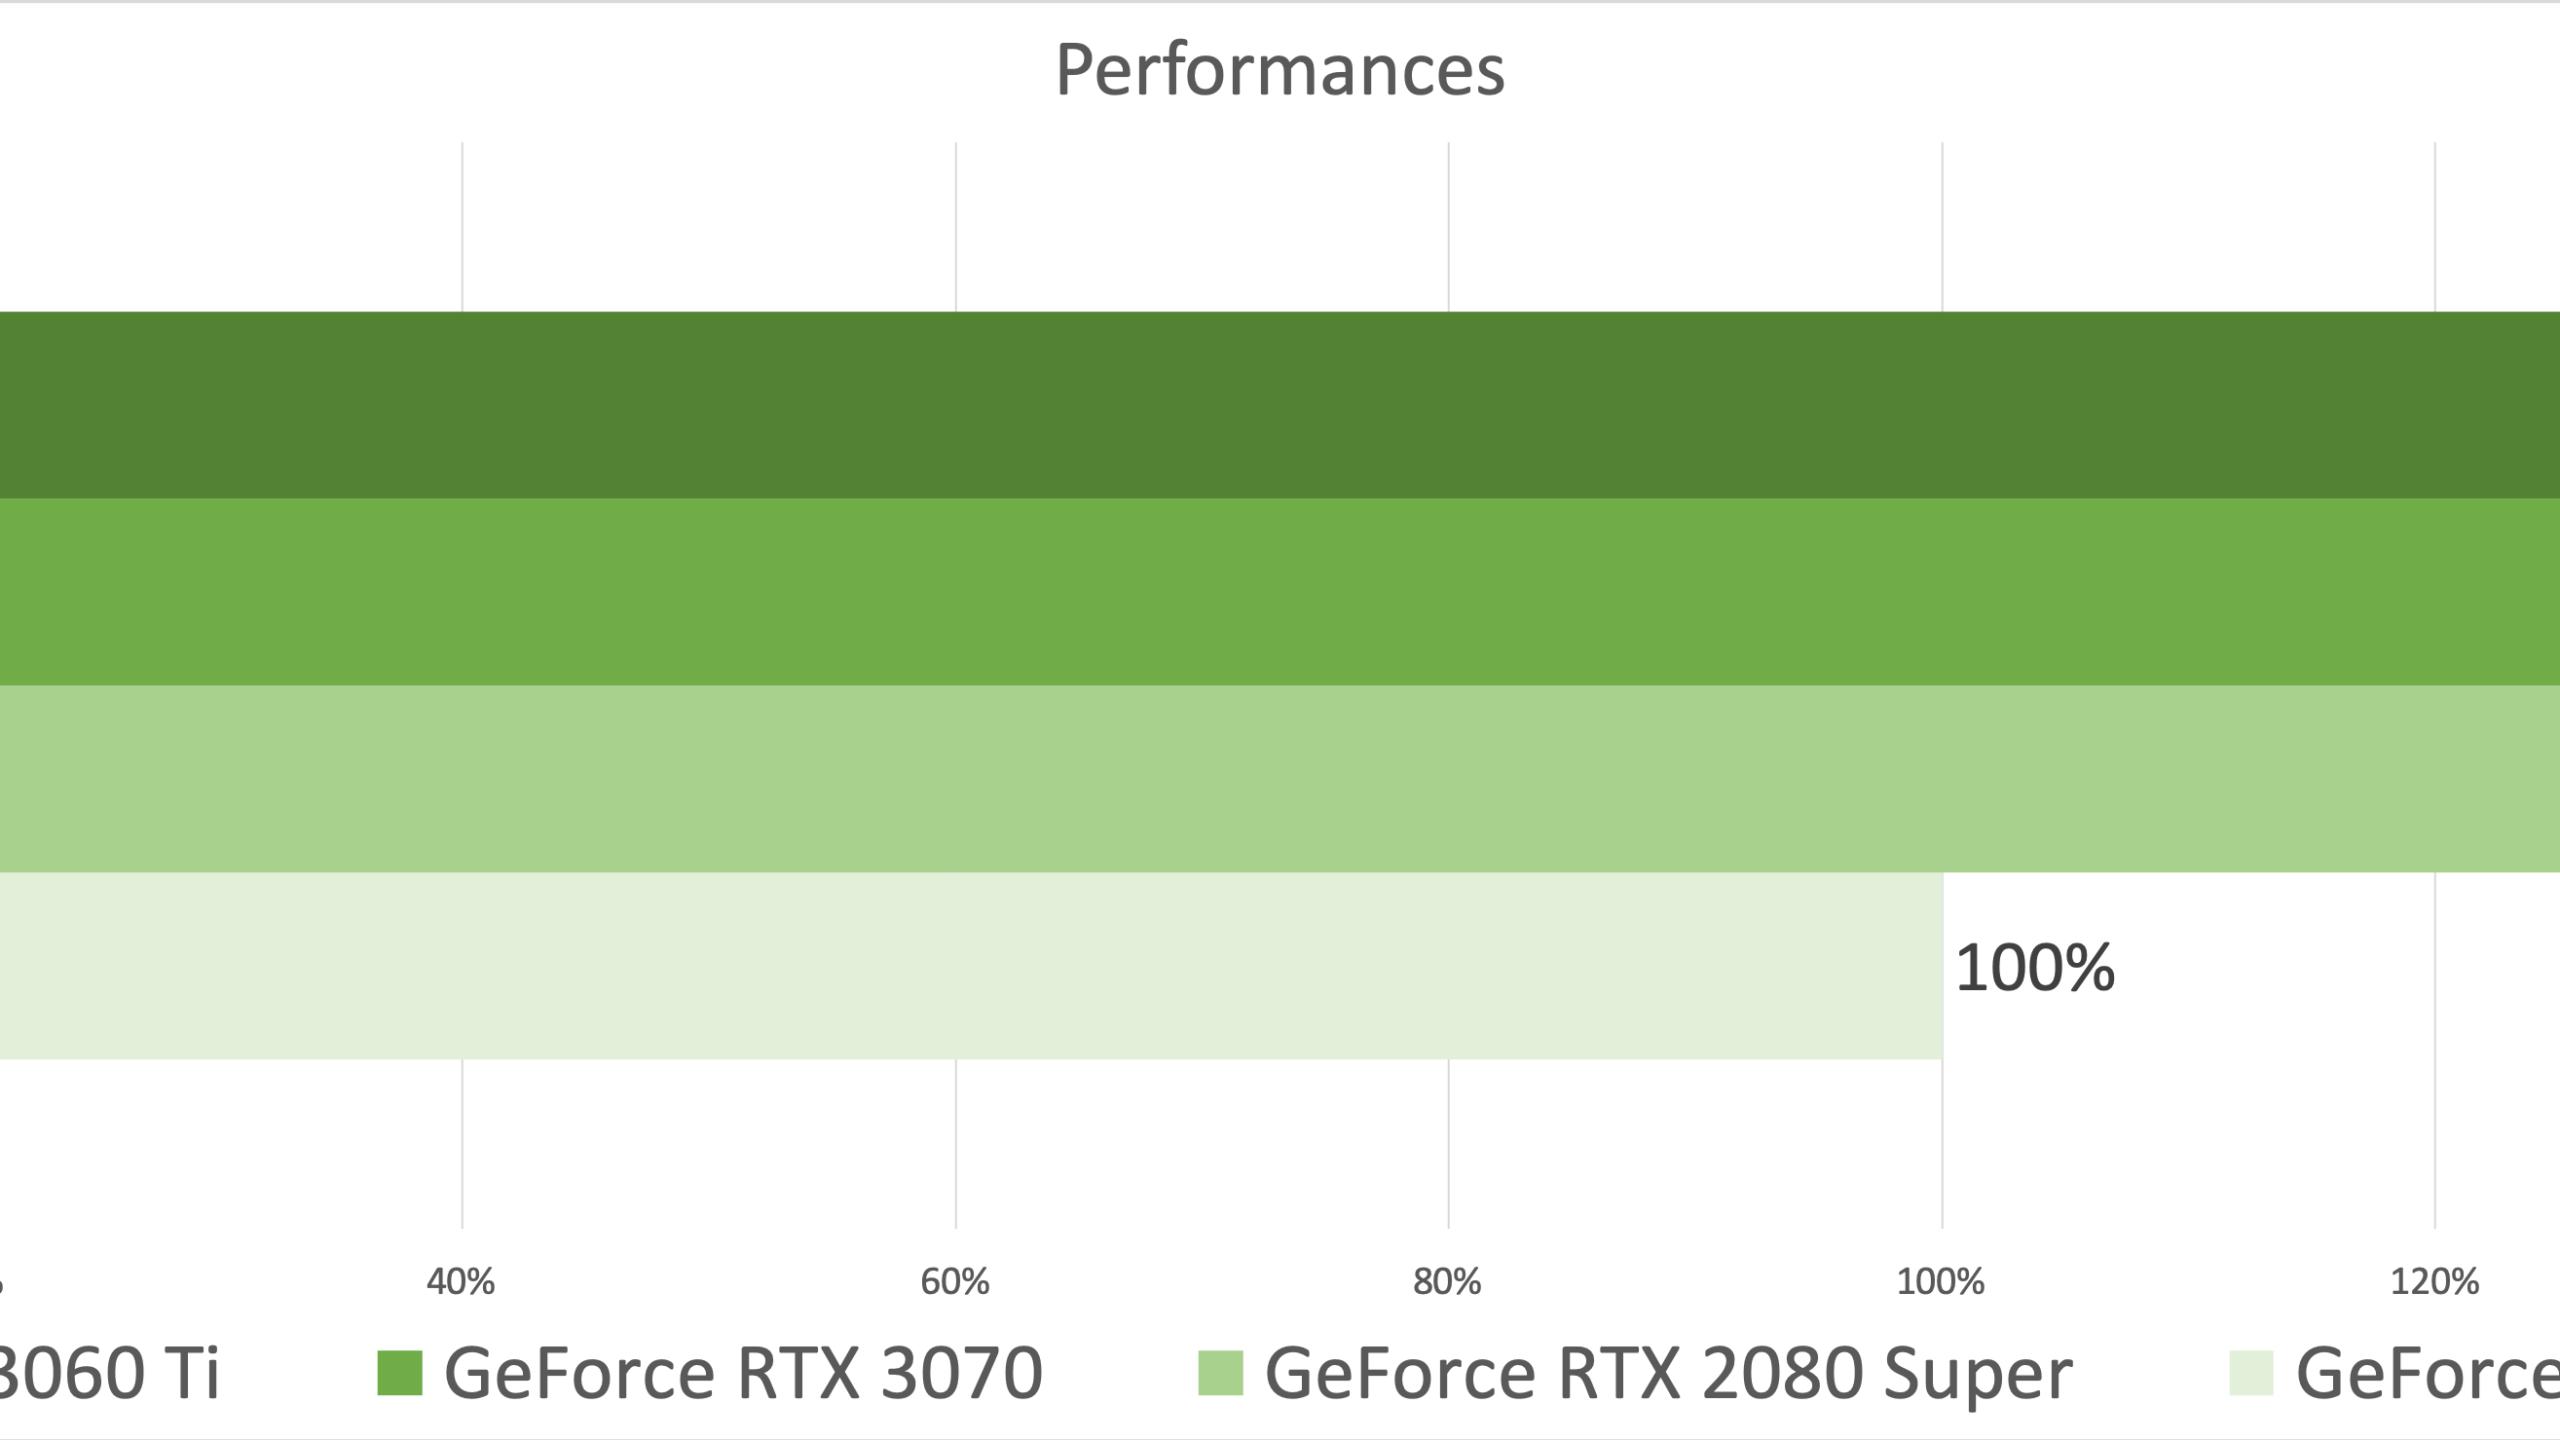 La GeForce RTX 3060 Ti est près de 40 % plus rapide qu'une 2060 Super, sortie en 2019 au même prix (420 €).